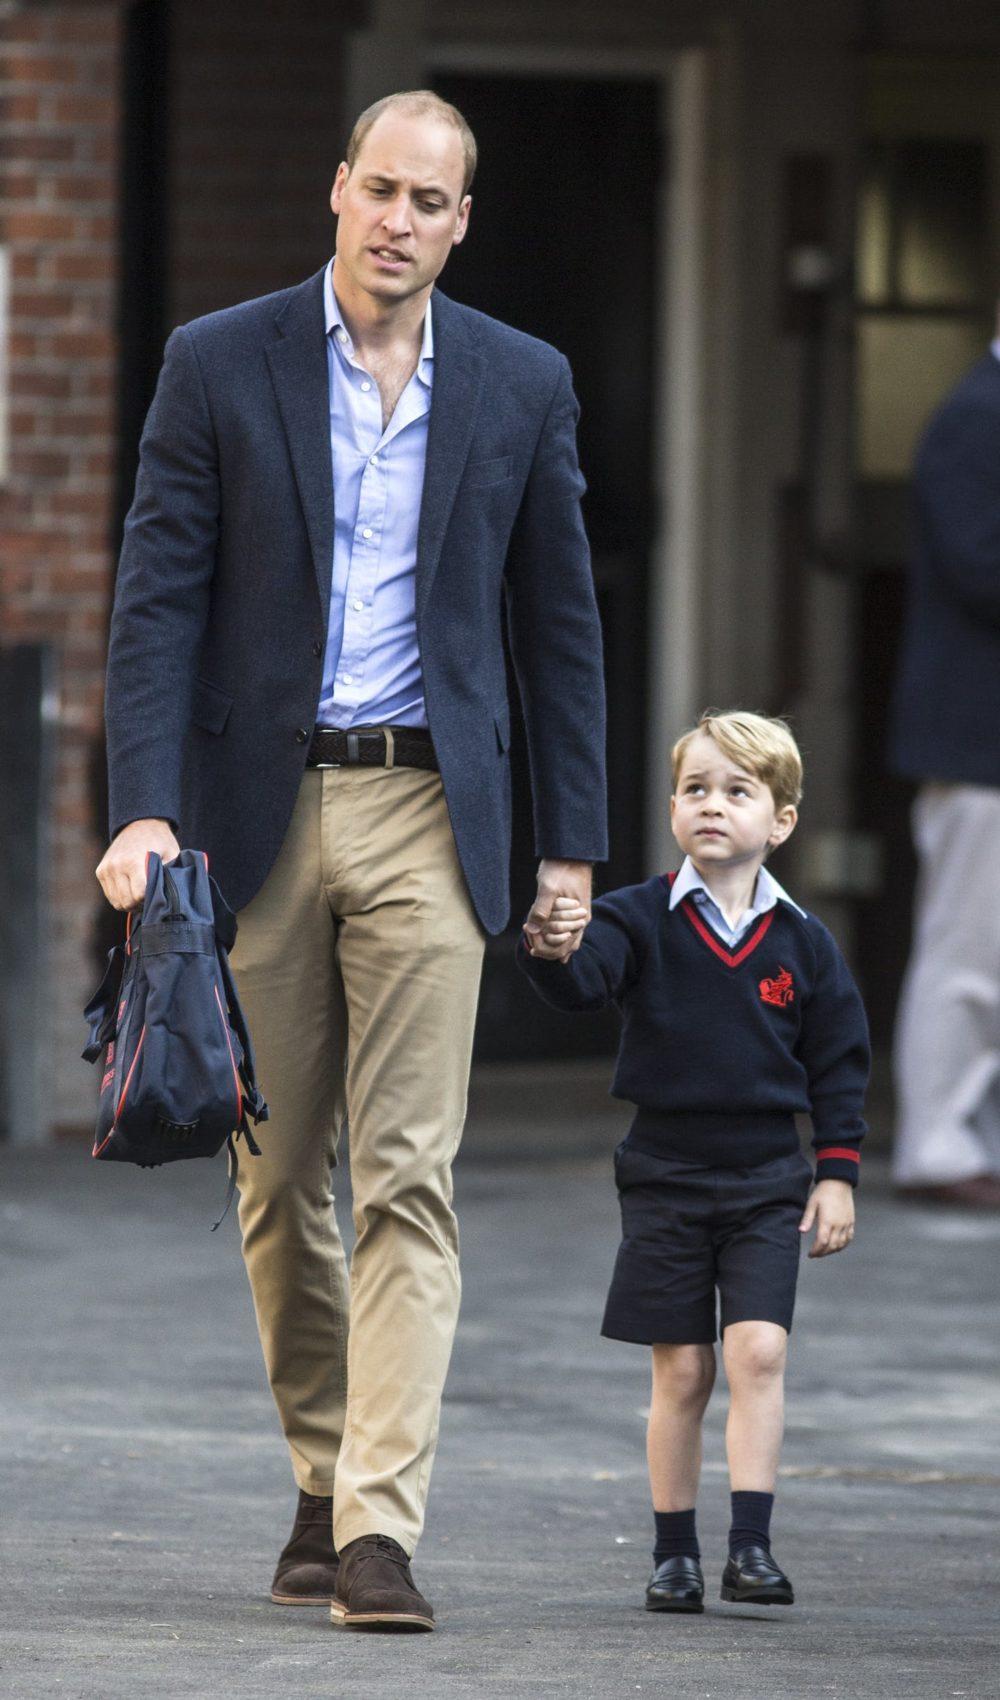 Até a realeza tem suas angustias no primeiro dia de colégio.